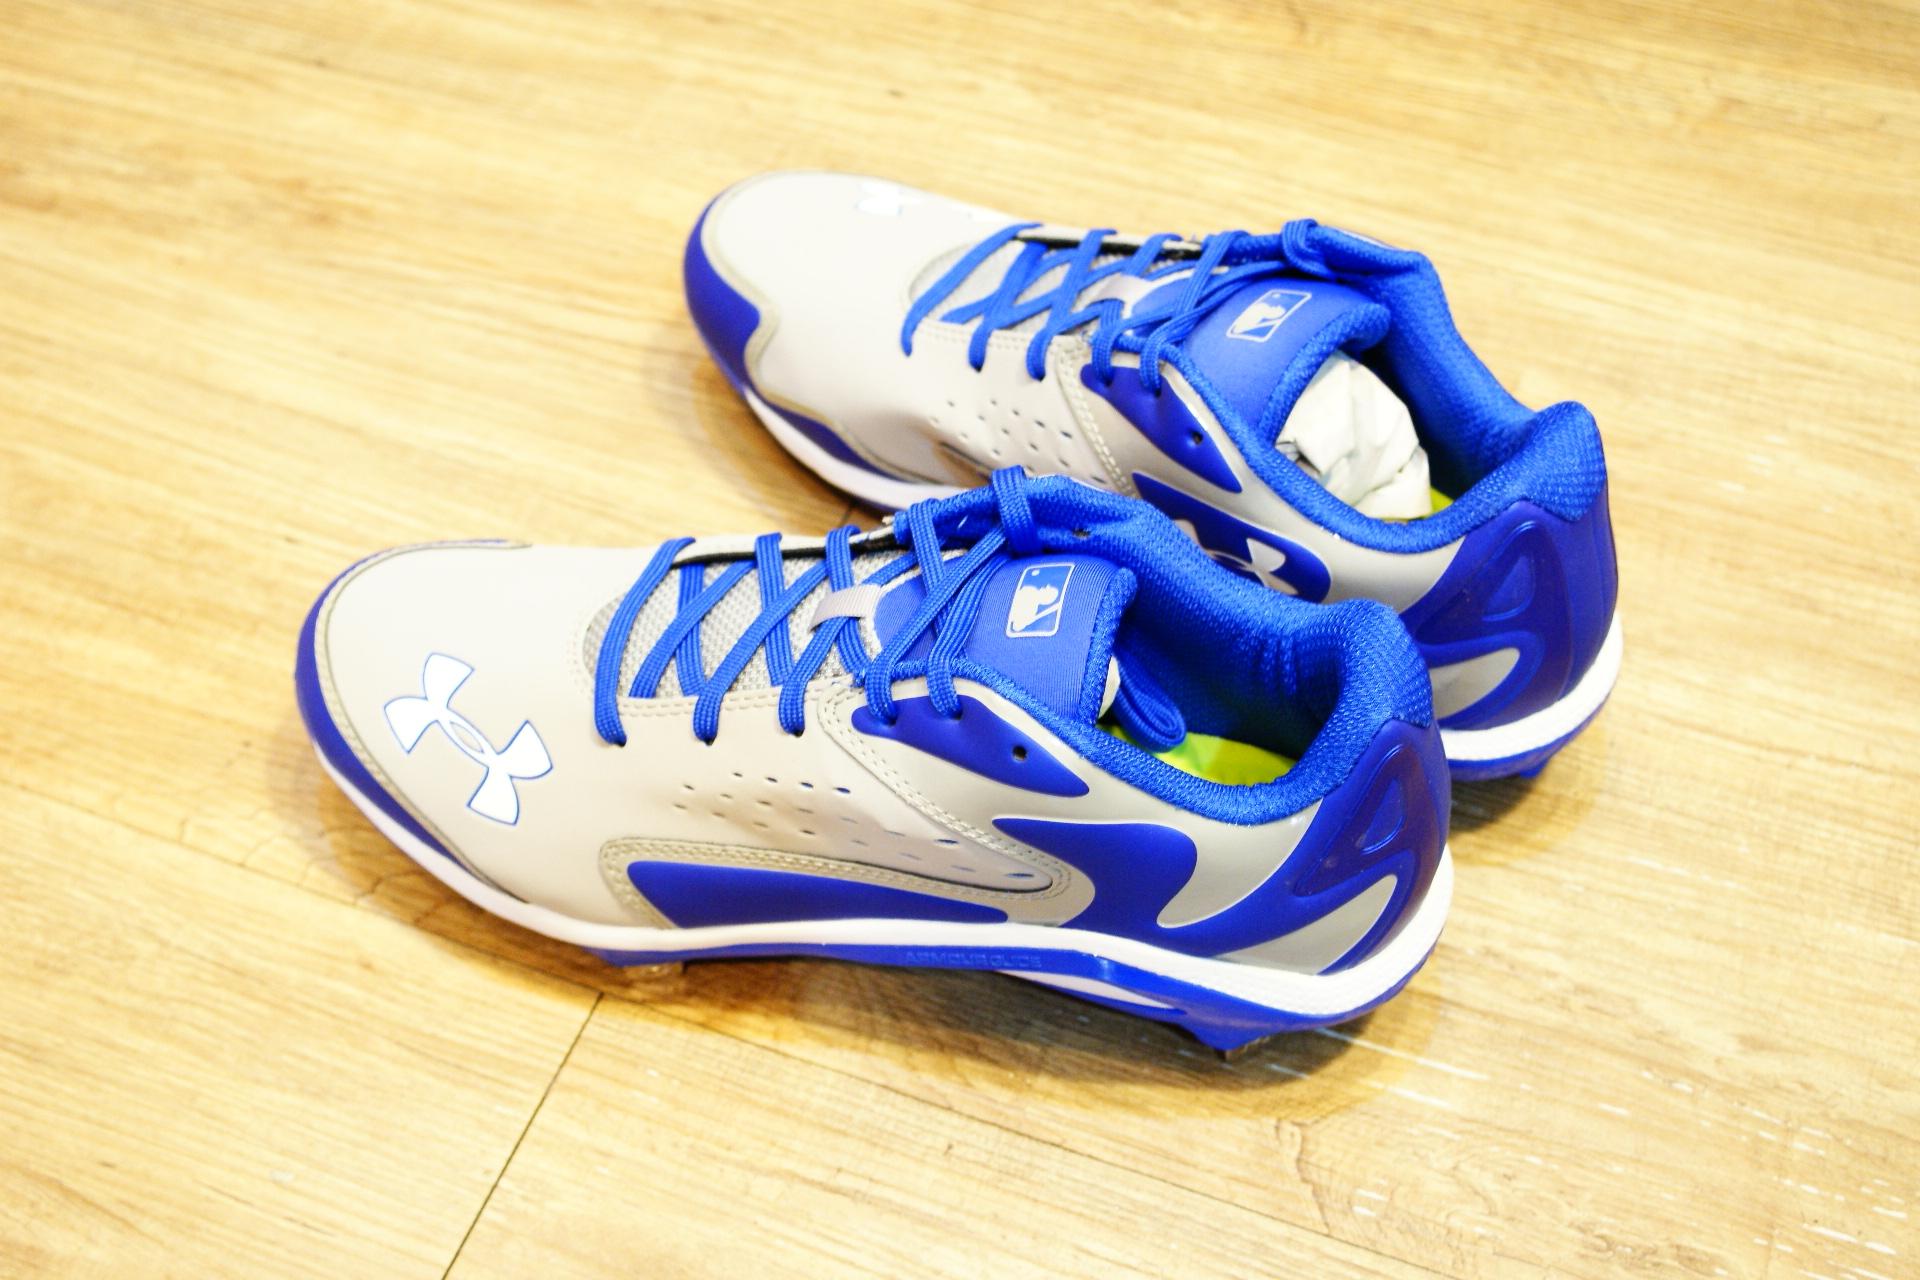 棒球世界 全新 Under Armour 灰藍配色棒球鐵釘鞋